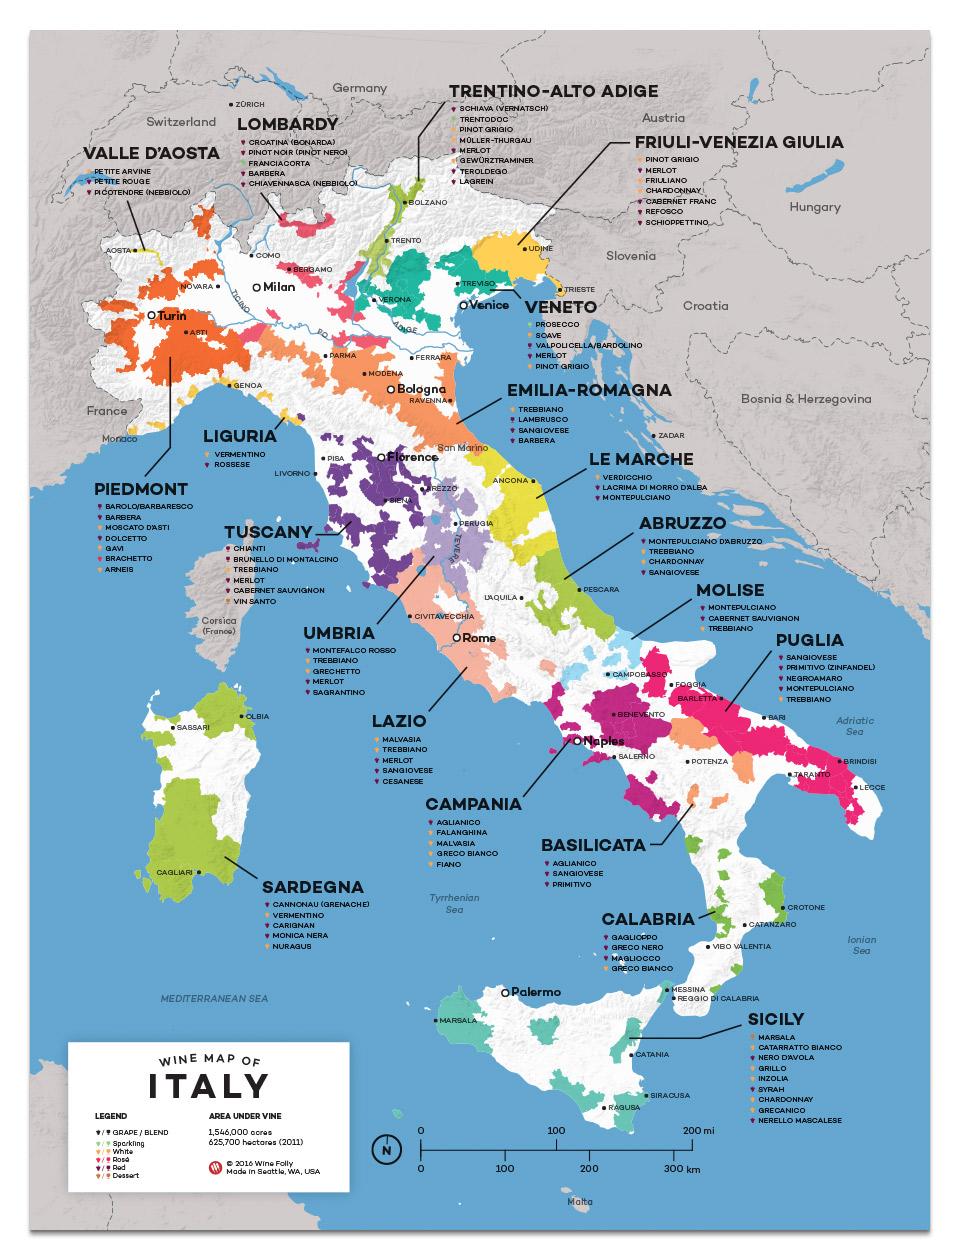 Khám phá bản đồ các vùng rượu vang Ý